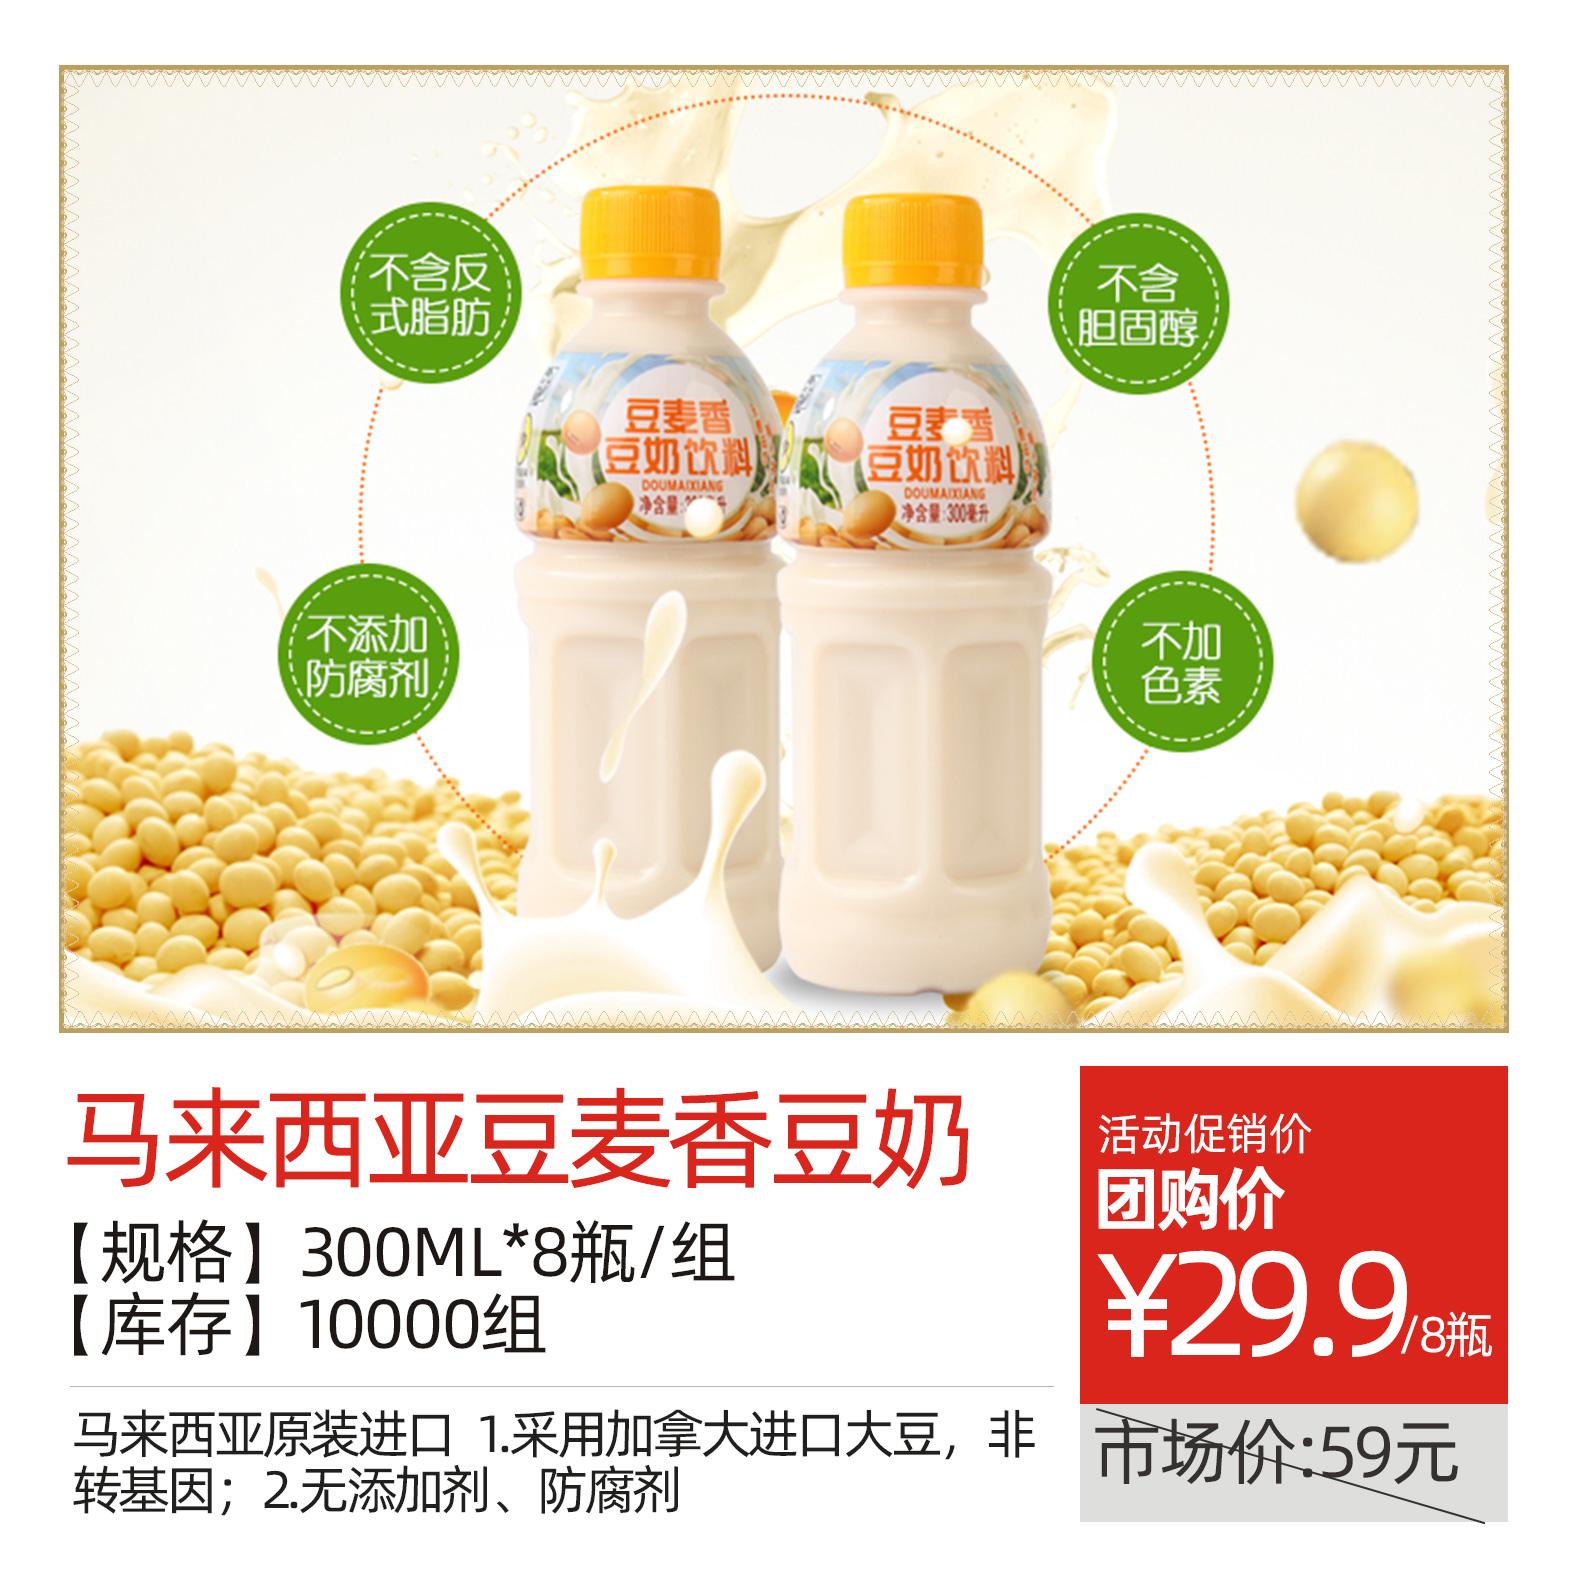 马来西亚豆麦香豆奶